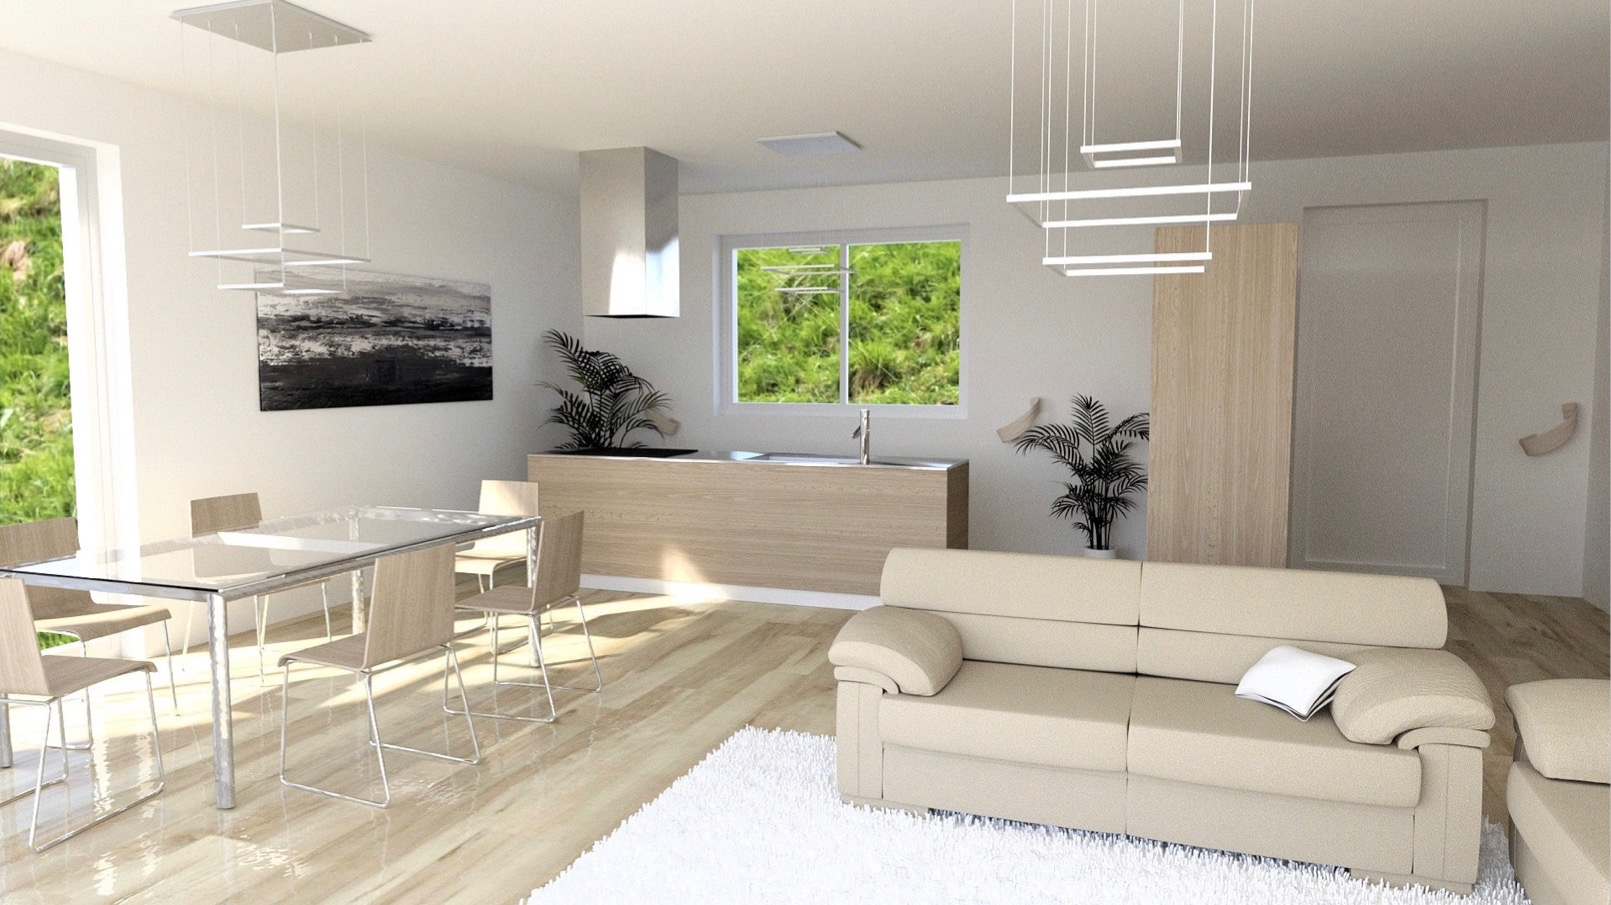 Appartamenti moderni lago como domaso residence vista lago for Interni di appartamenti moderni